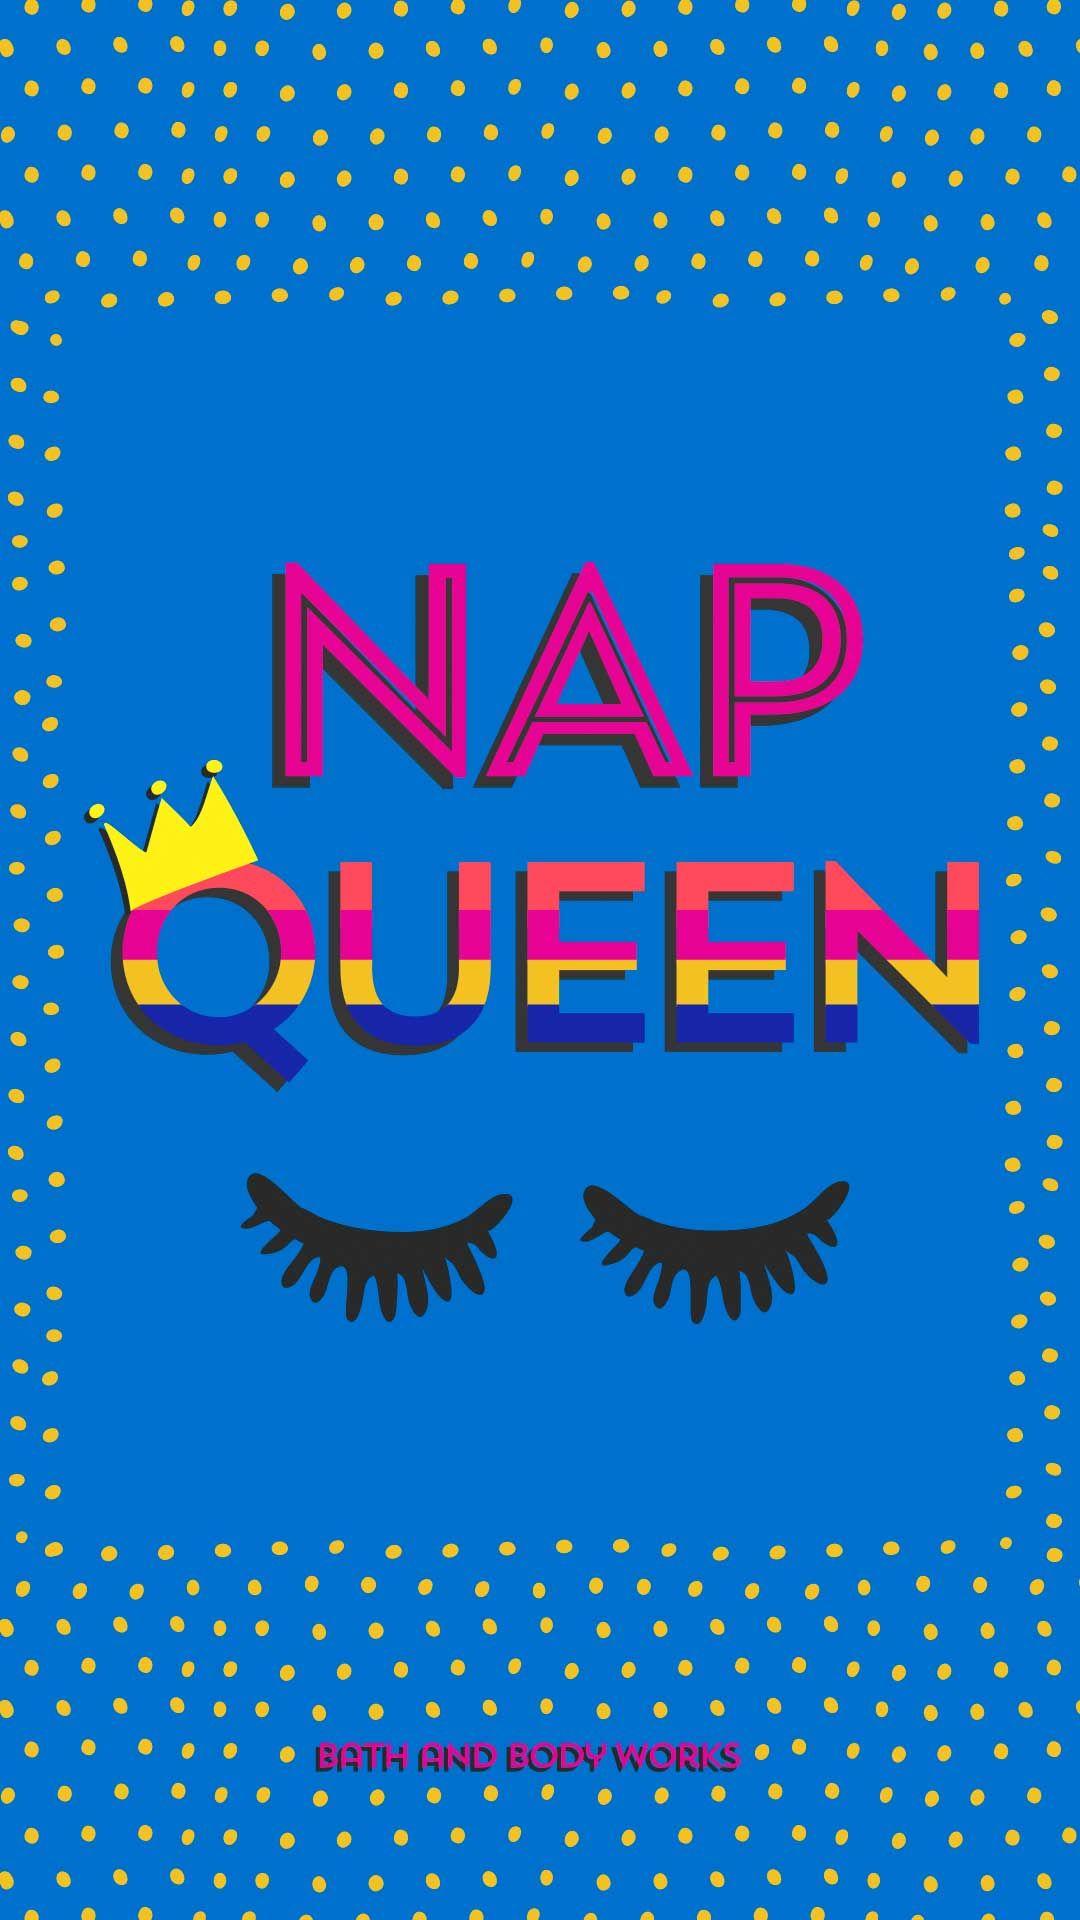 Nap Queen iPhone Wallpaper (With images) Queens